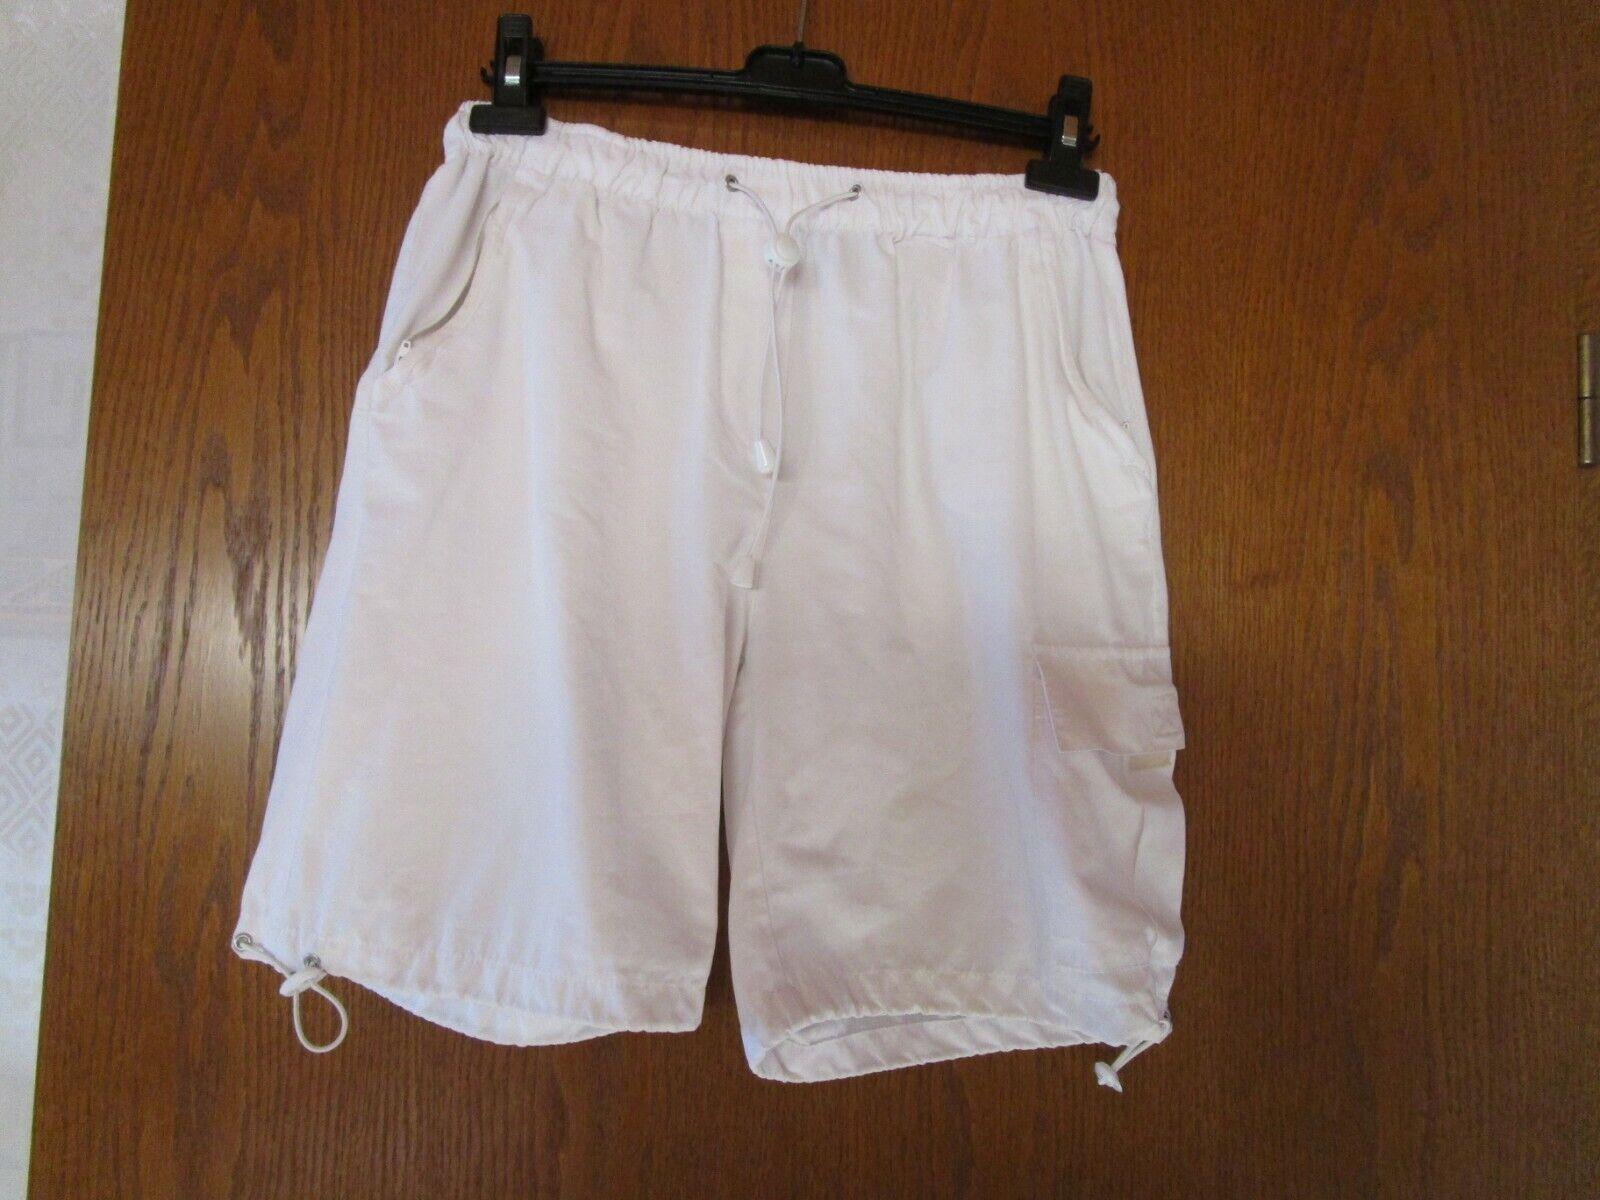 Damen Cargo Short kurze Hose Wollweiss Gr 38